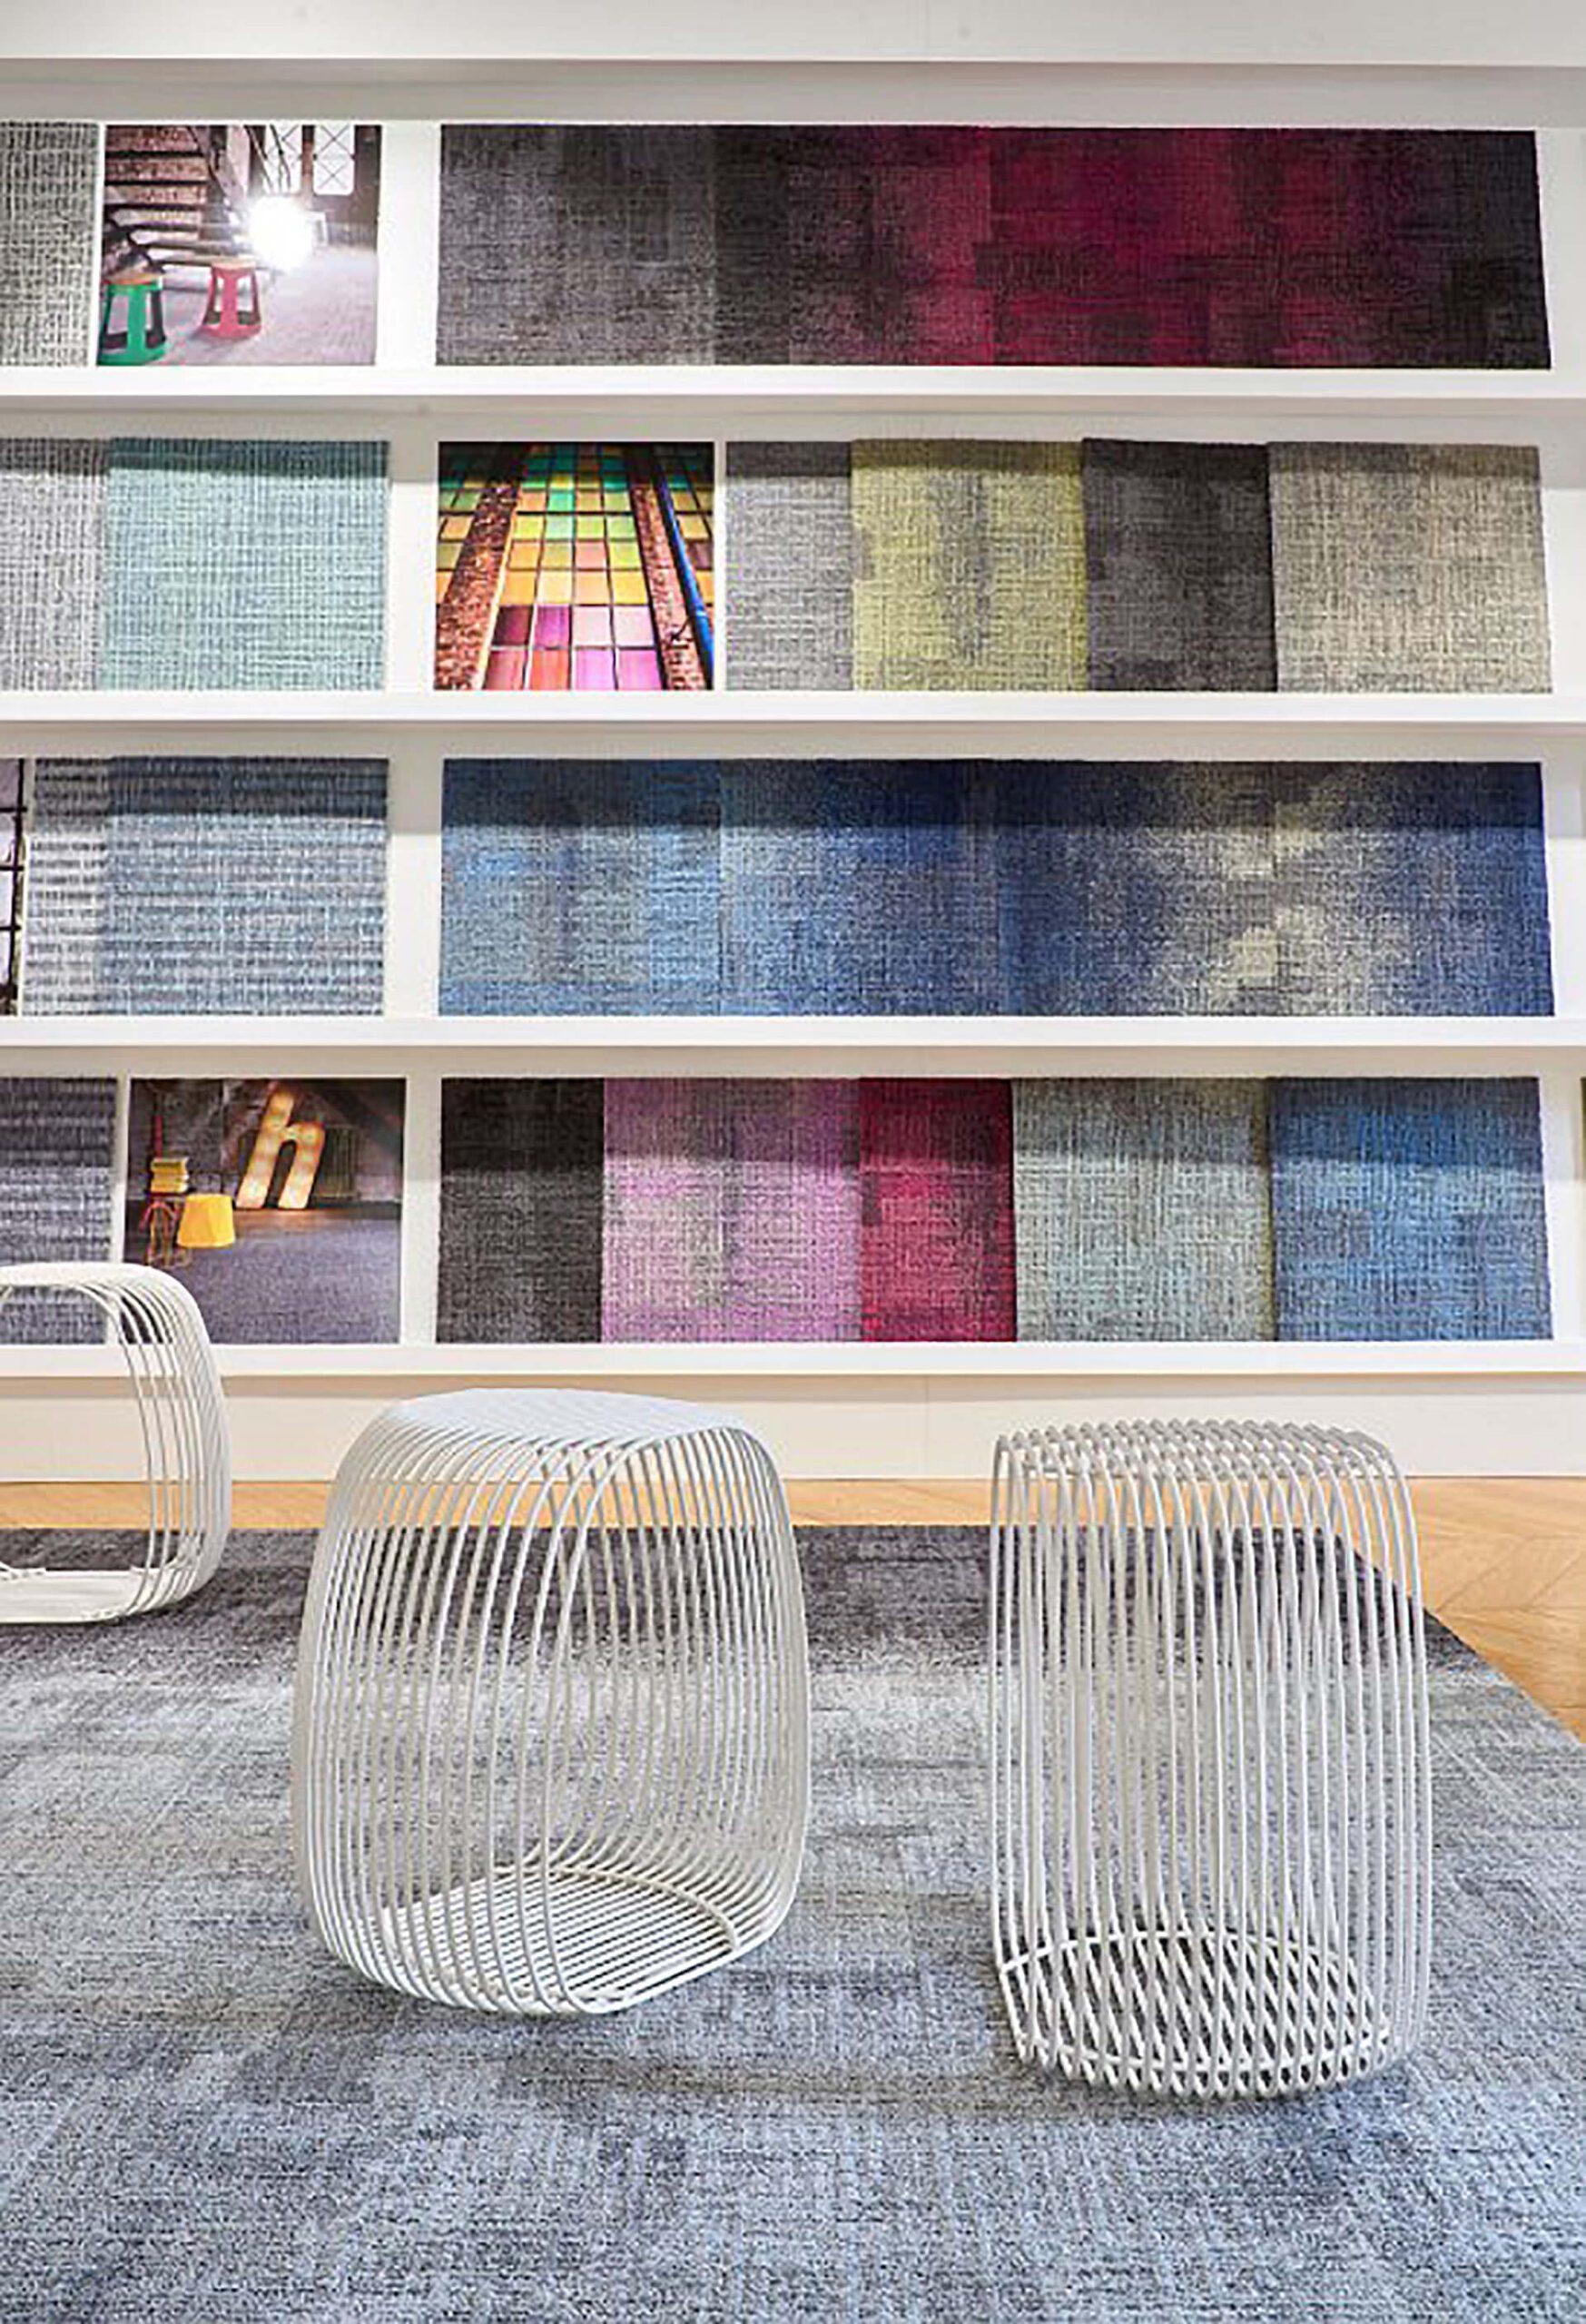 espaço de têxteis com mobiliário para apresentação de amostras